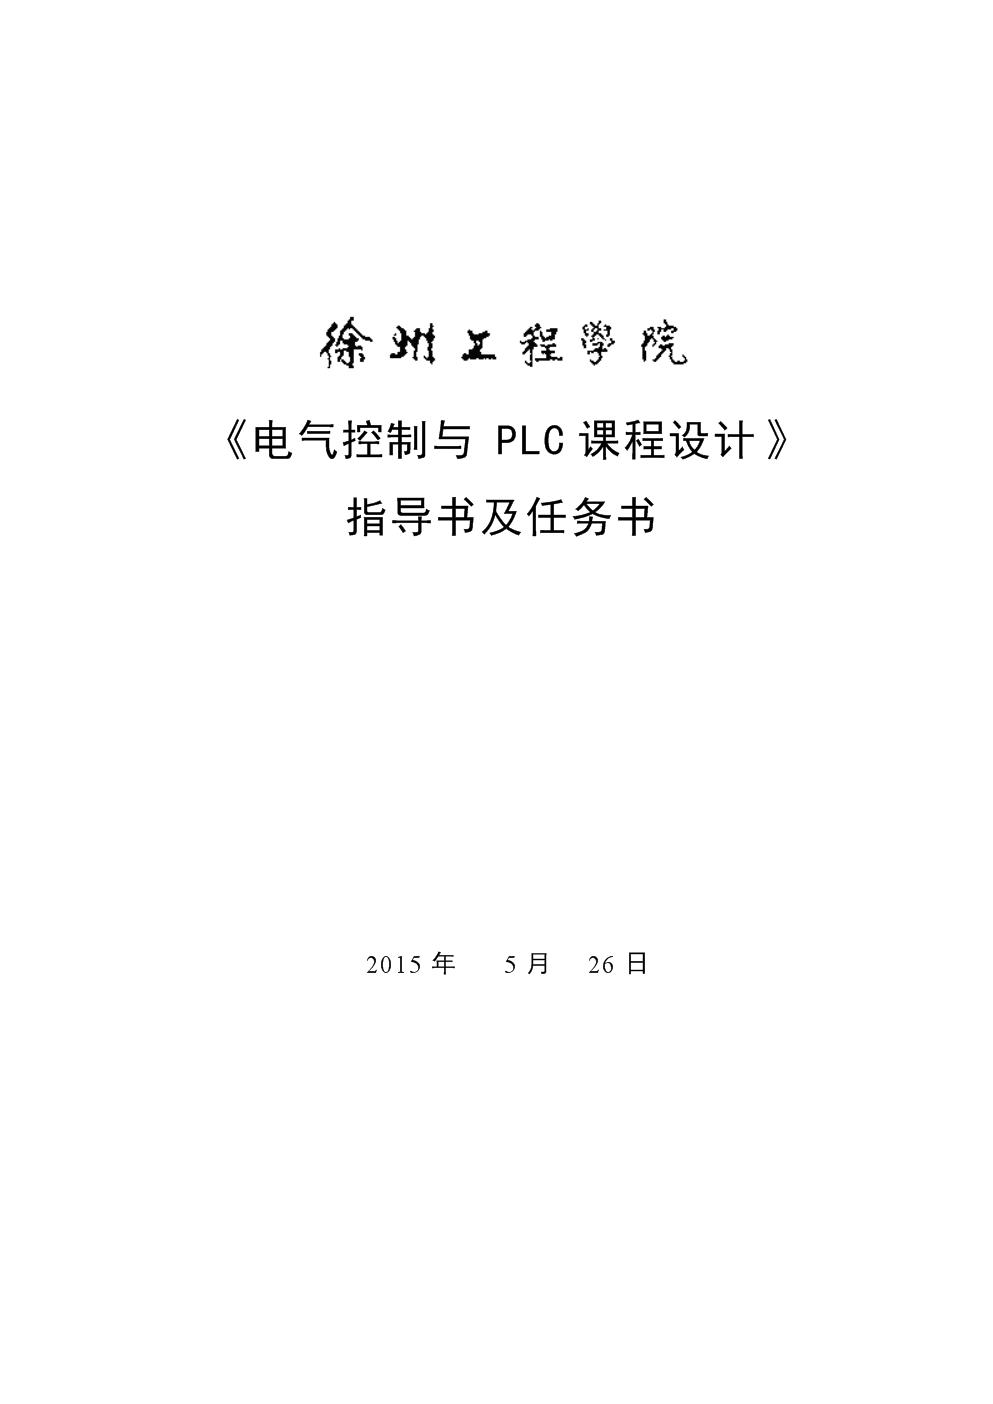 系统选型,plc的输入输出端口分配表,plc系统电路图,plc梯形图,mcgs